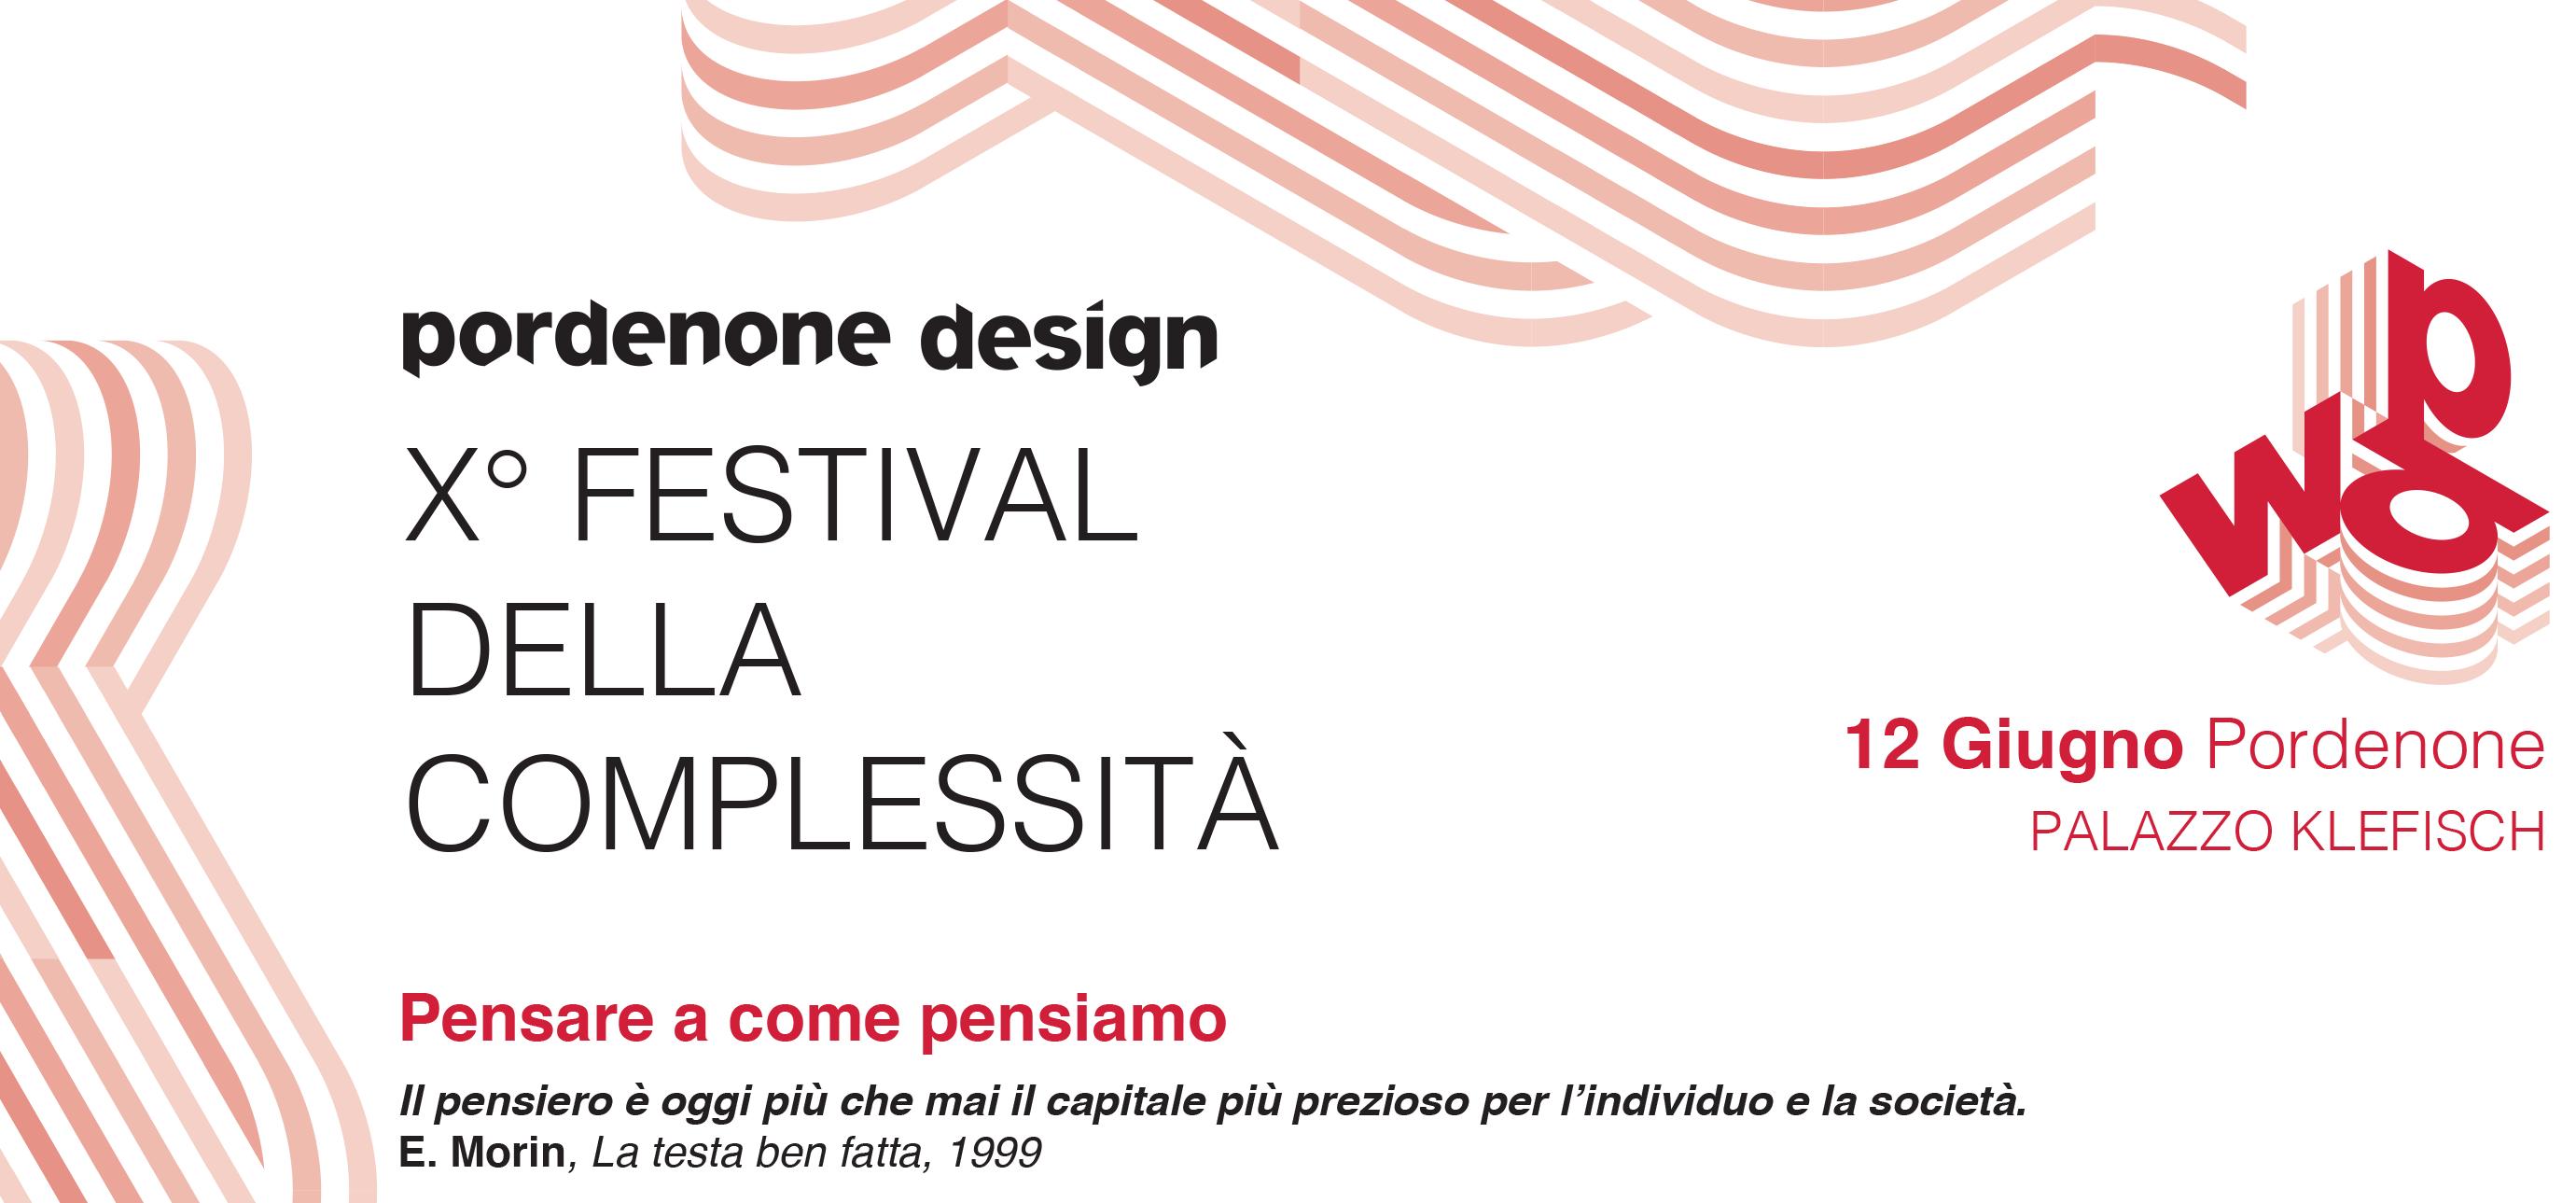 10° FESTIVAL DELLA COMPLESSITA' – 12 giugno a Pordenone